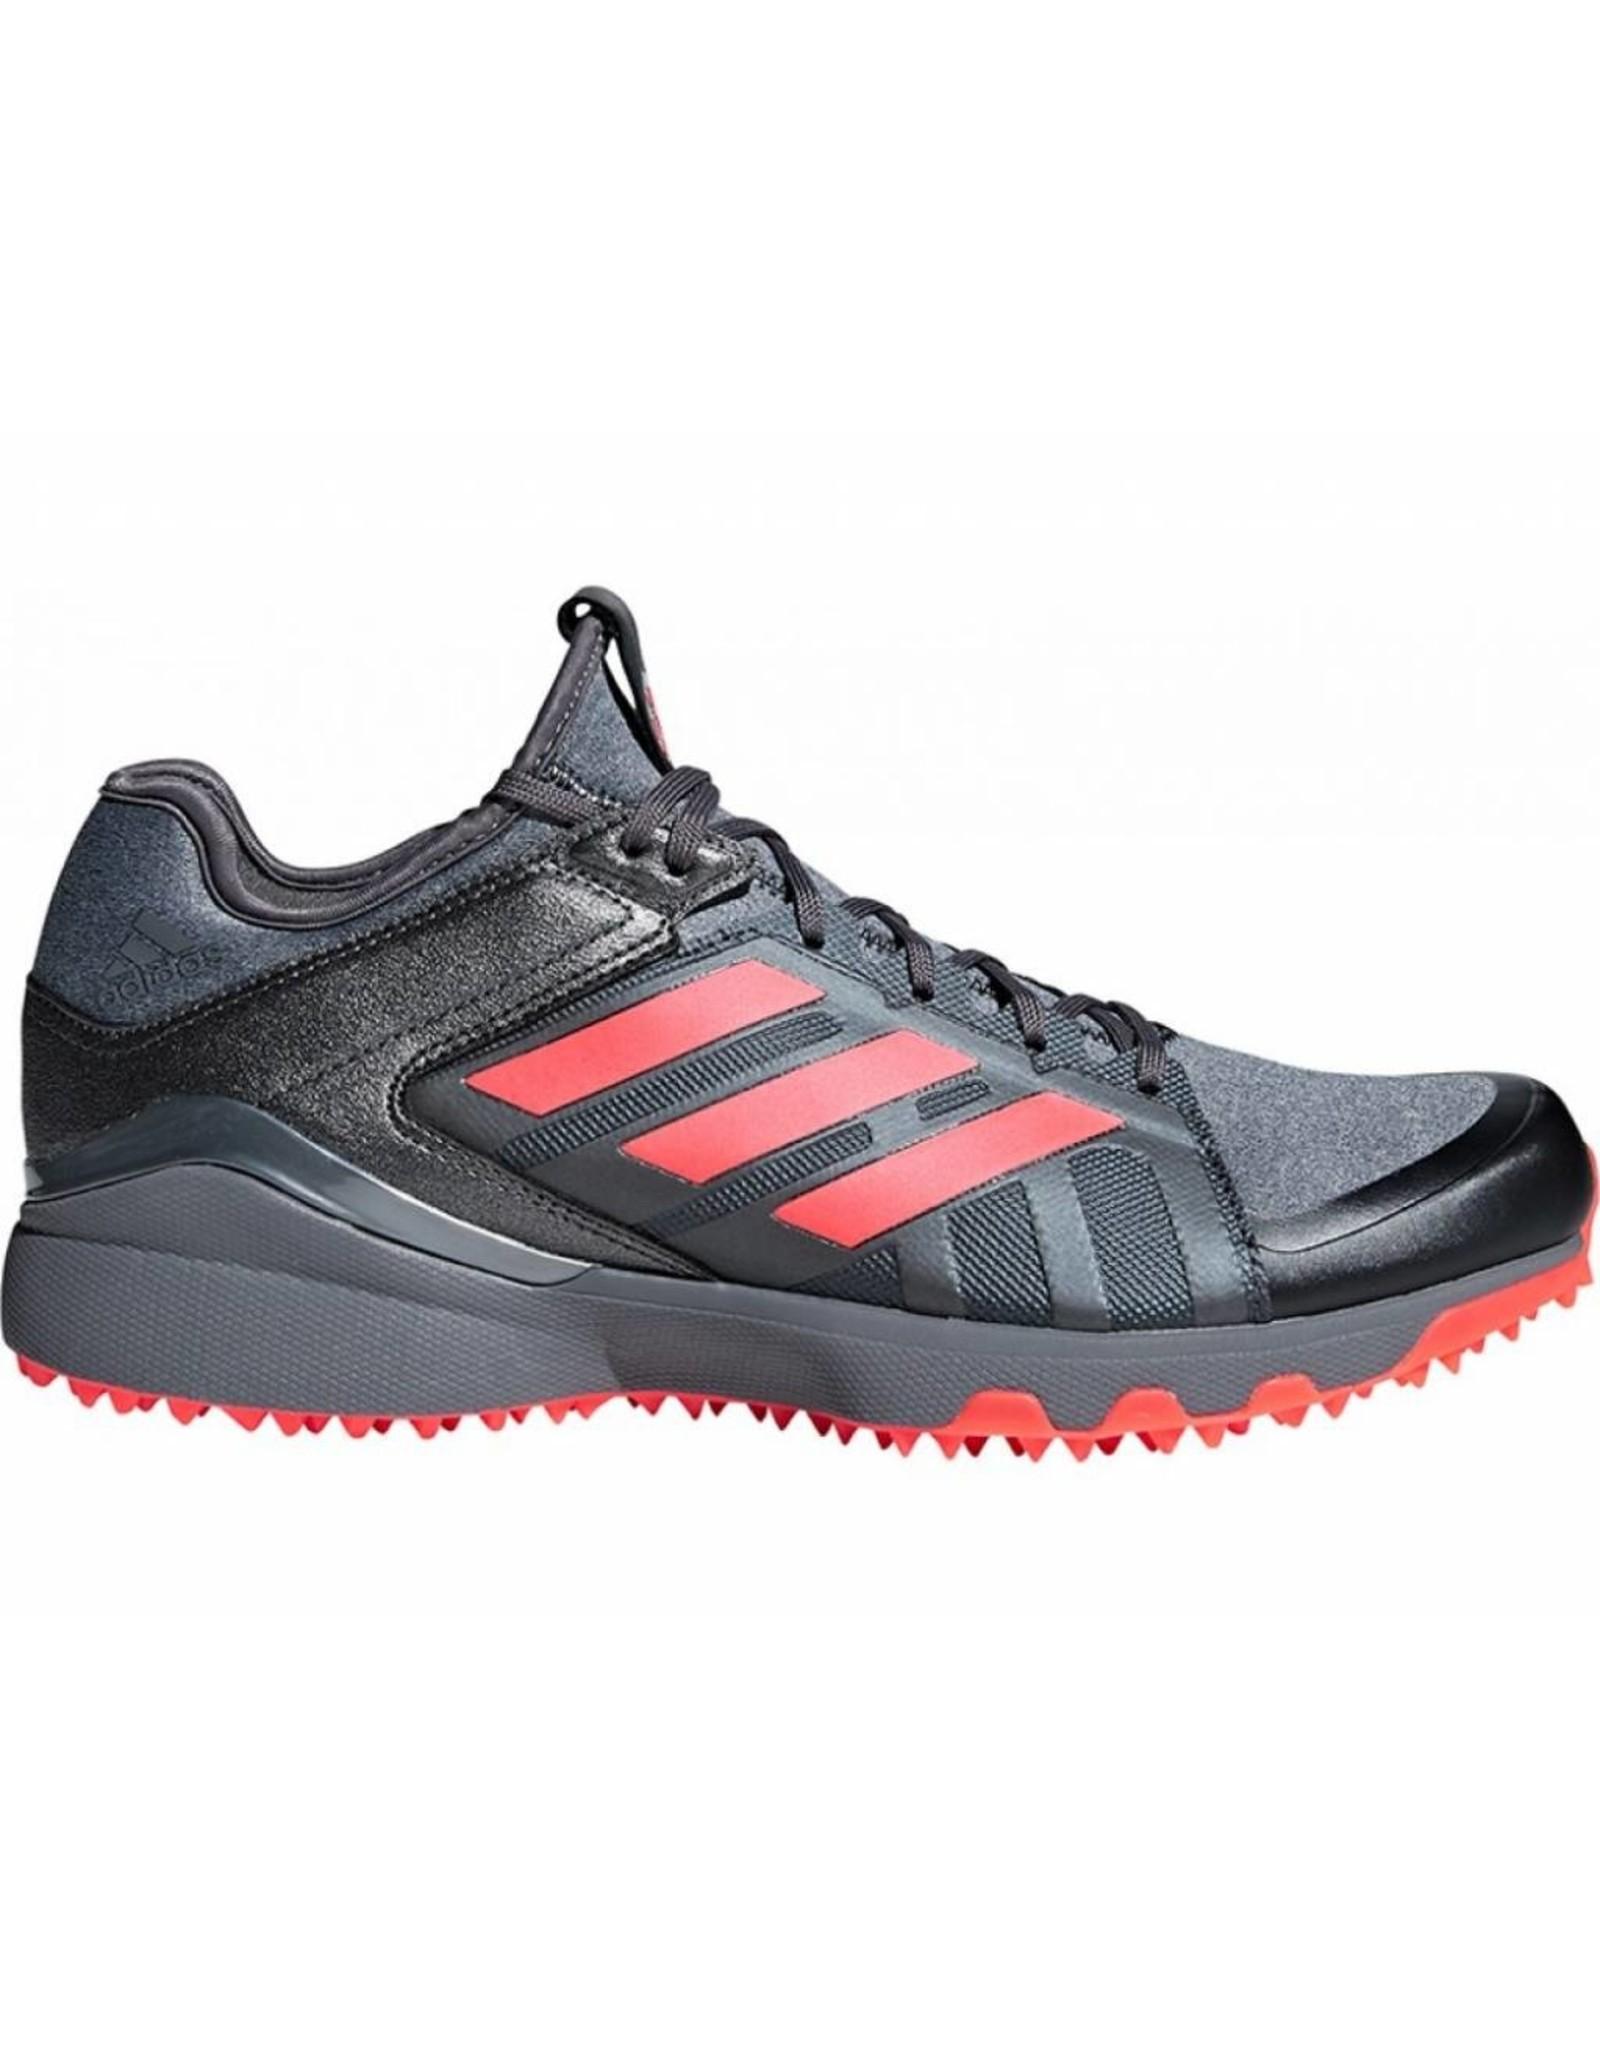 Adidas LUX 1.9S Unisex